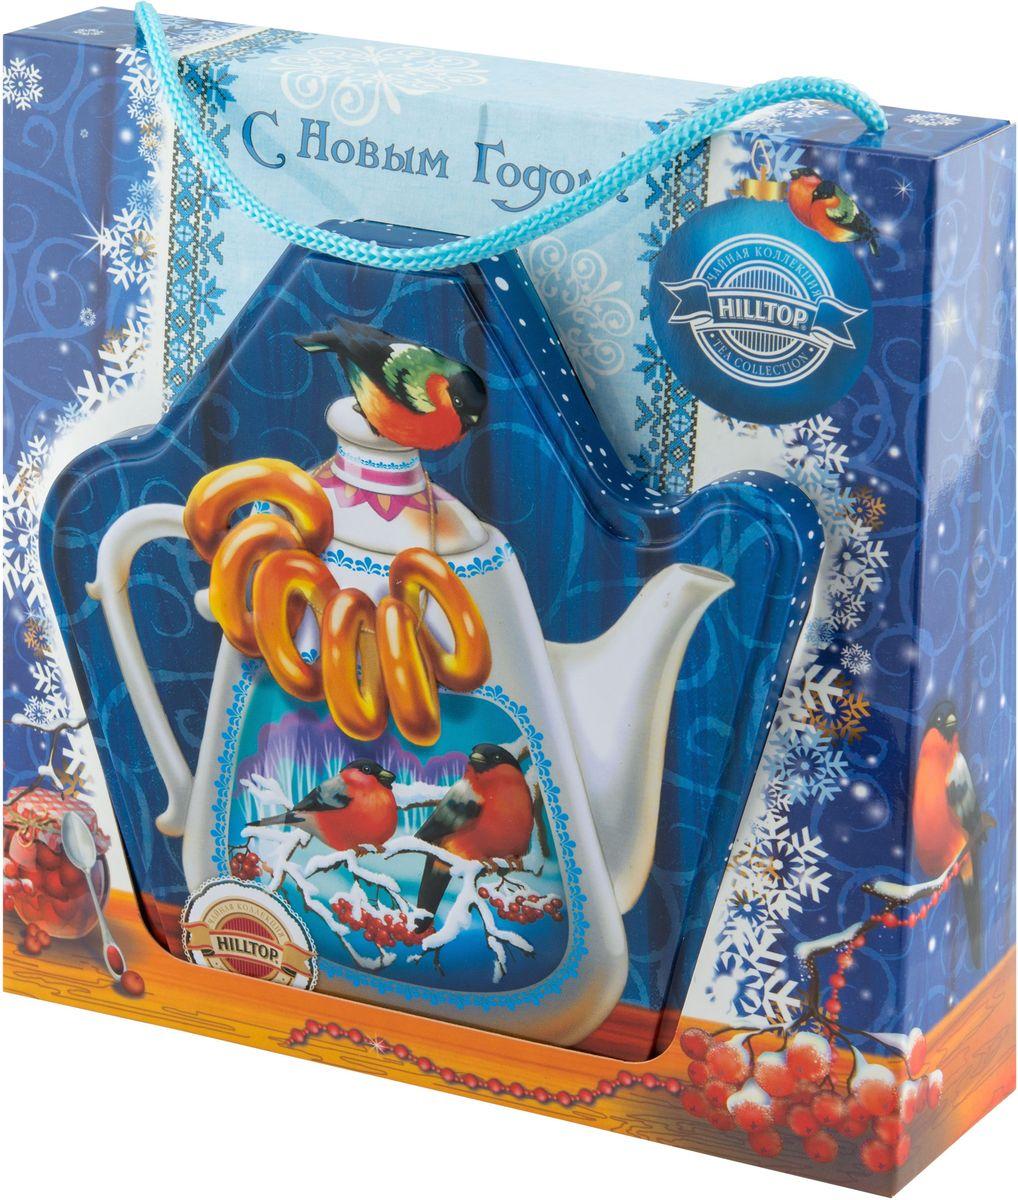 Hilltop Королевское золото. Чайник с баранками чай черный листовой, 80 г0120710Черный листовой чай Hilltop Королевское золото. Чайник с баранками станет замечательным подарком и прекрасно подойдет для яркого новогоднего чаепития. На оригинальной подарочной упаковке изображен красивый чайник с баранками, обрамленный морозным узором.